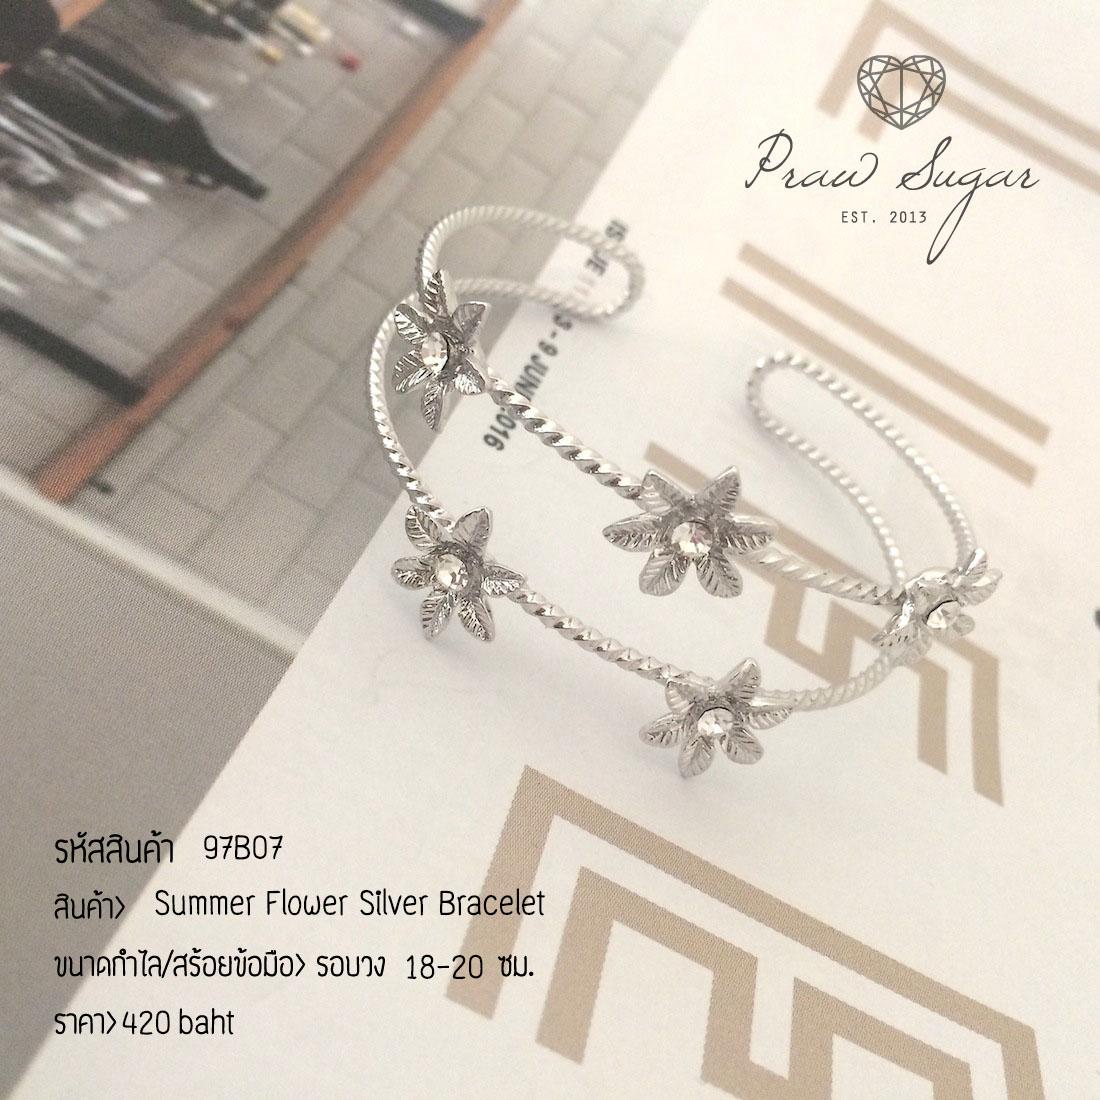 Summer Flower Silver Bracelet